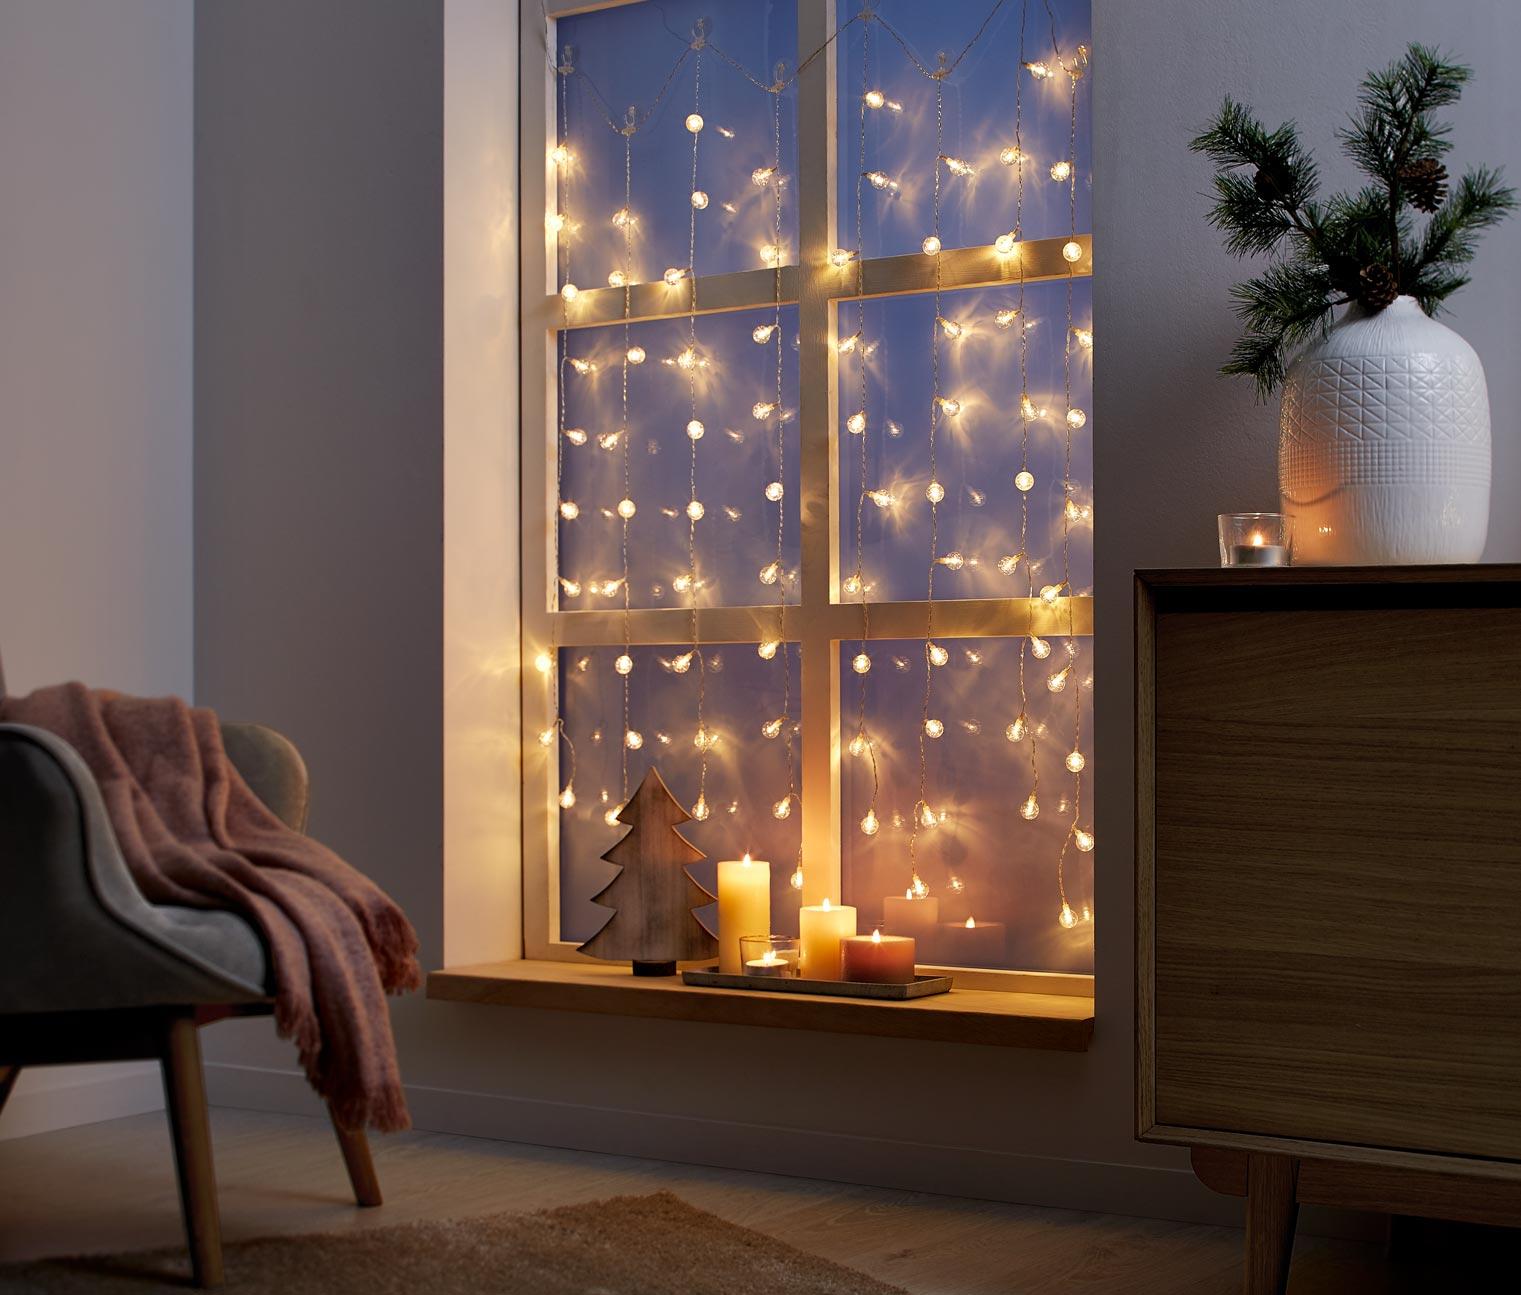 Moderne Weihnachtsbeleuchtung Außen.Weihnachtsbeleuchtung Beleuchtung De